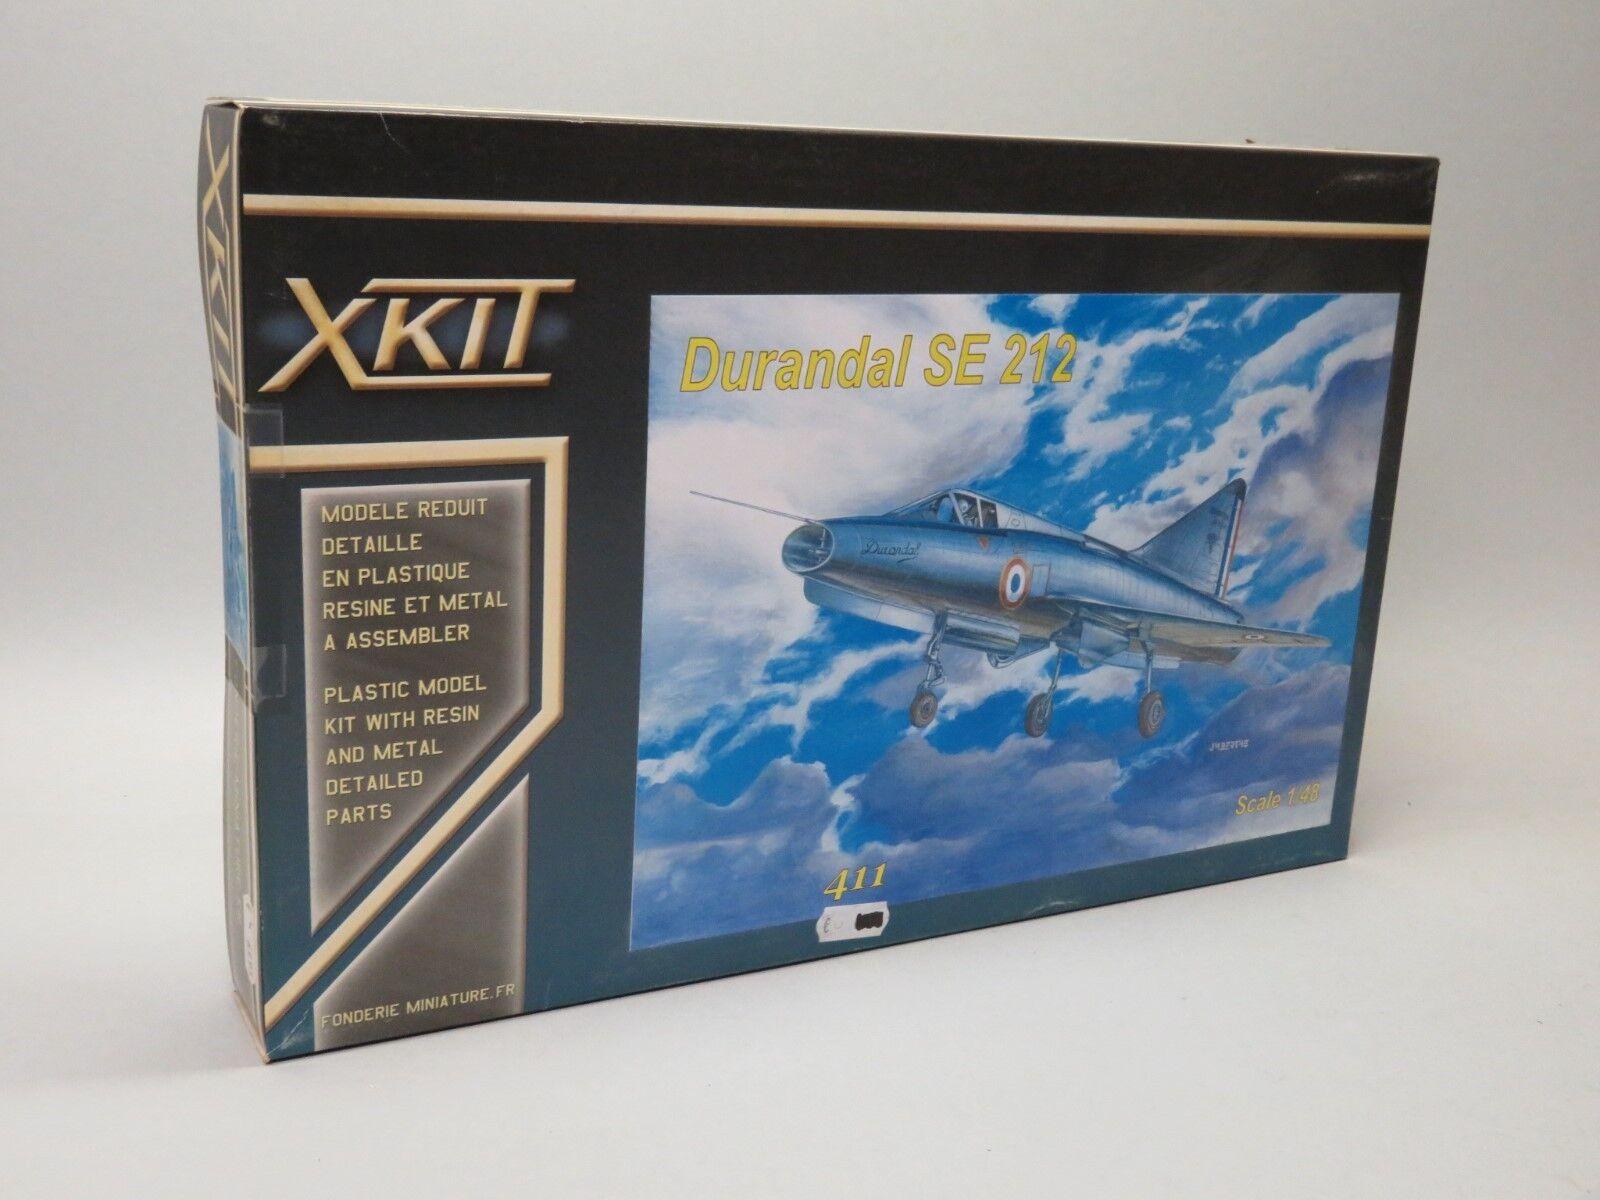 XKIT 411-1 48 48 48 DURANDEL SE 212 276